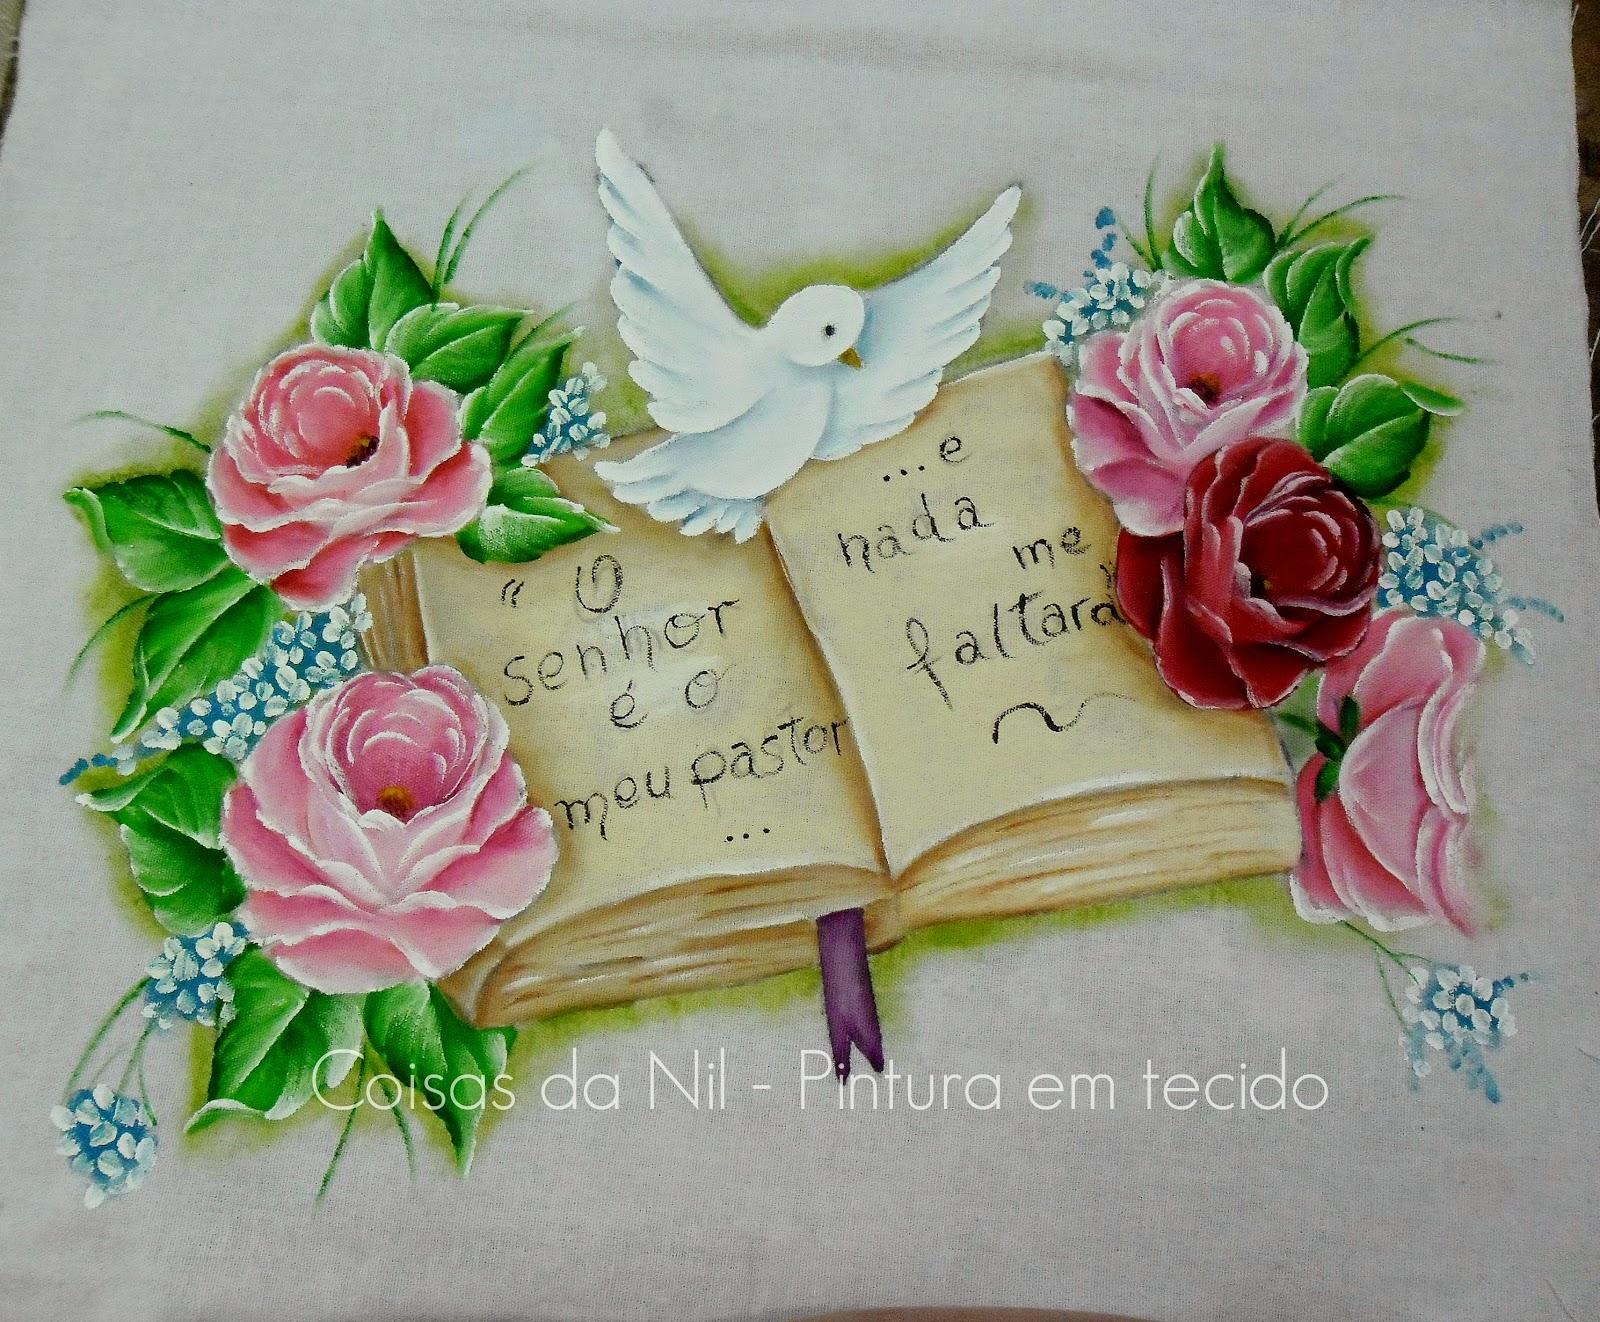 pano de copa com pintura tema biblico pomba do espirito santo, biblia e rosas